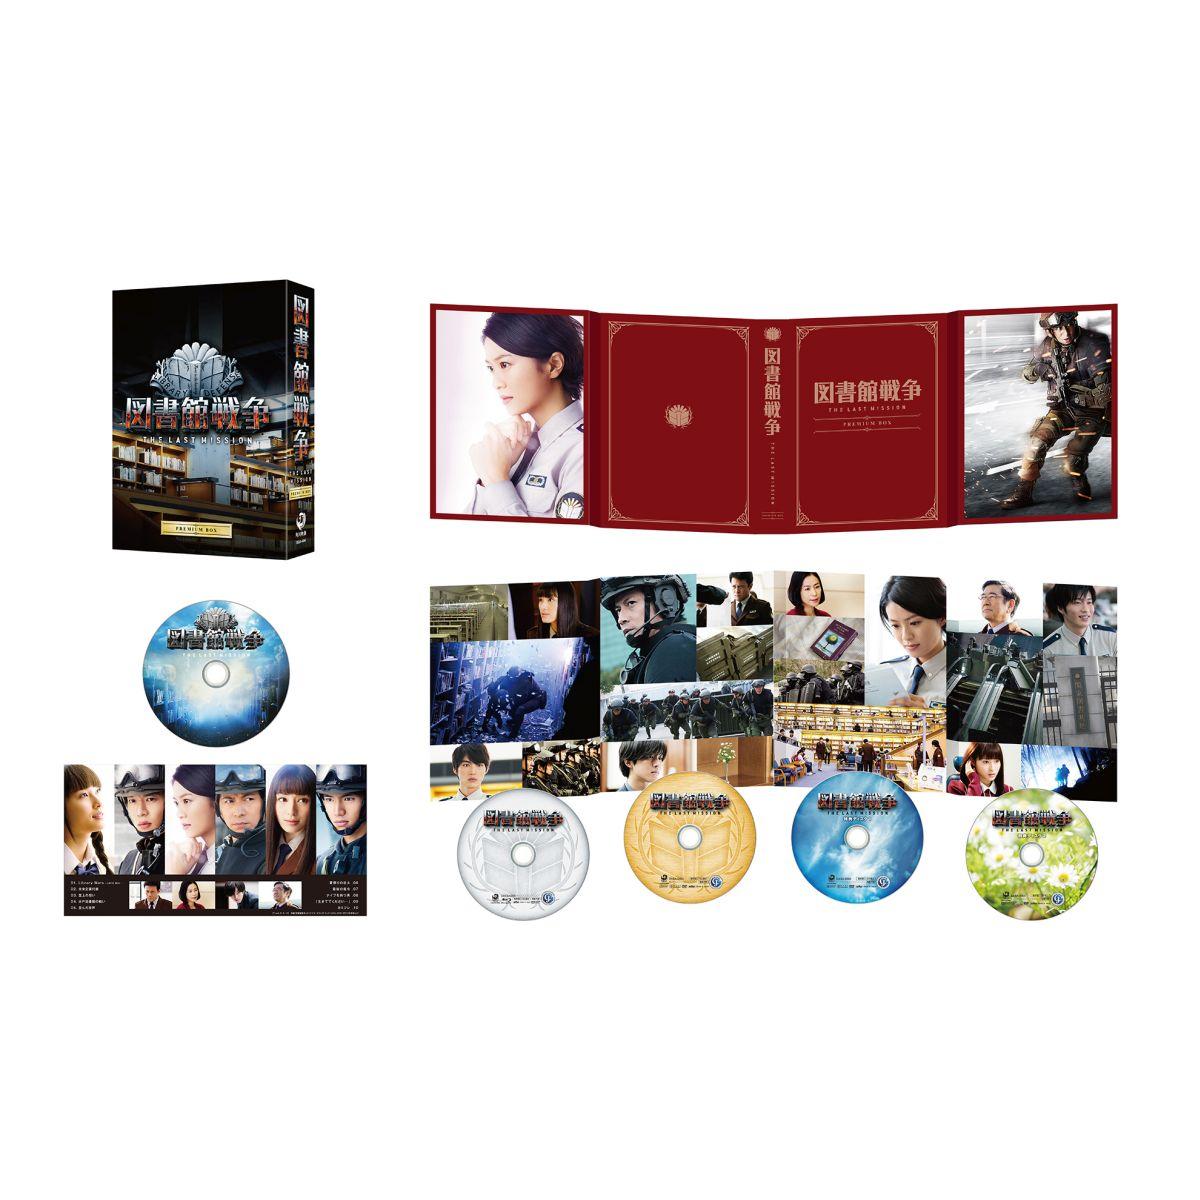 図書館戦争 THE LAST MISSION プレミアムBOX【Blu-ray】 [ 岡田准一 ]